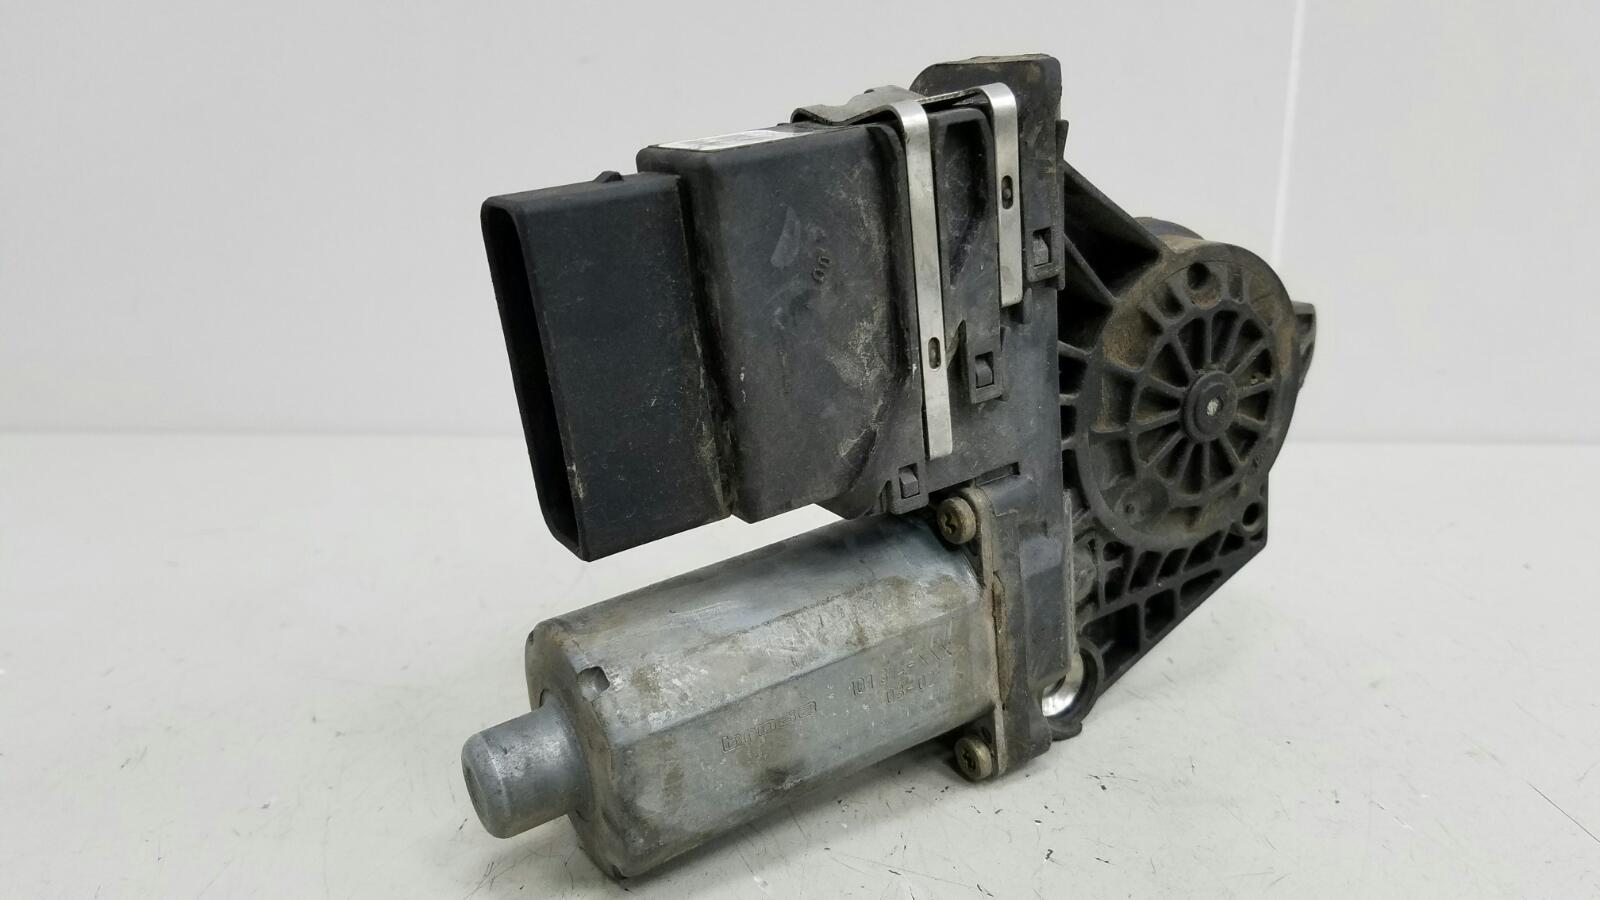 Моторчик стеклоподъемника Skoda Octavia 1U2 AKL 1.6Л 2003 задний правый